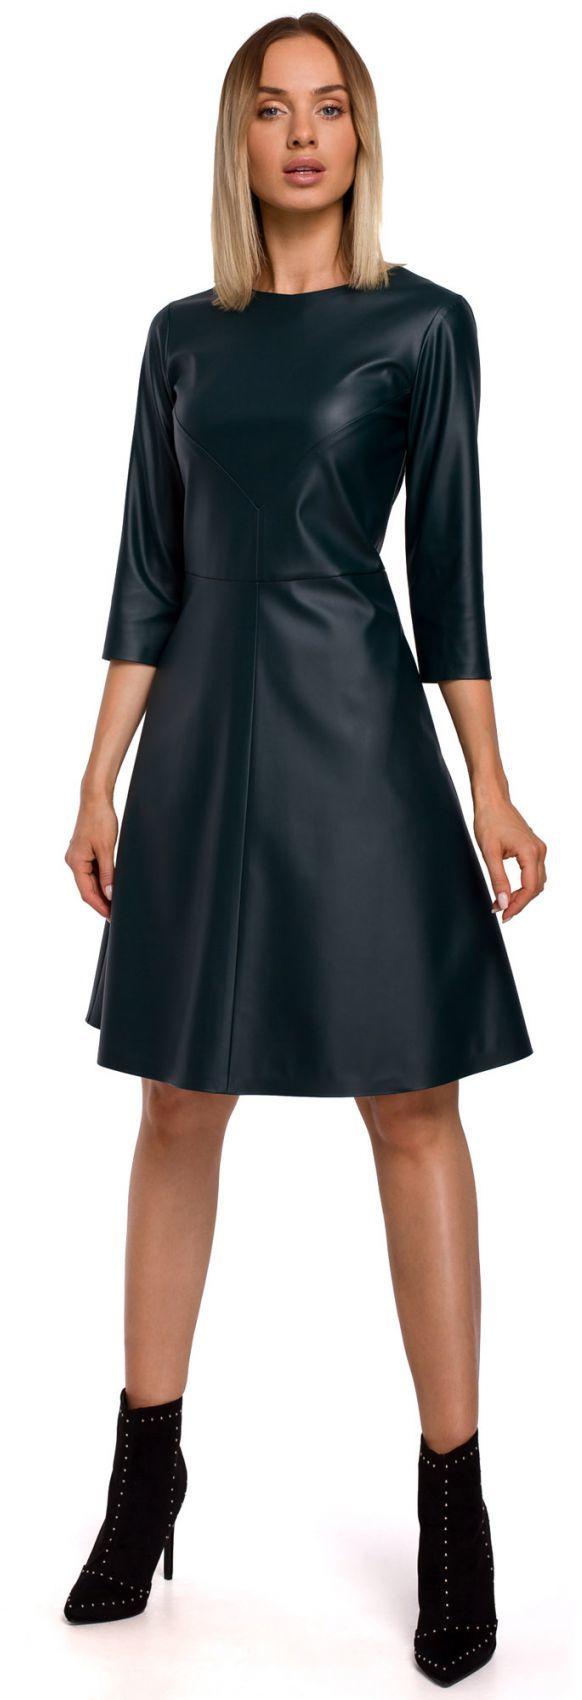 M541 Sukienka ze sztucznej skóry - zielona